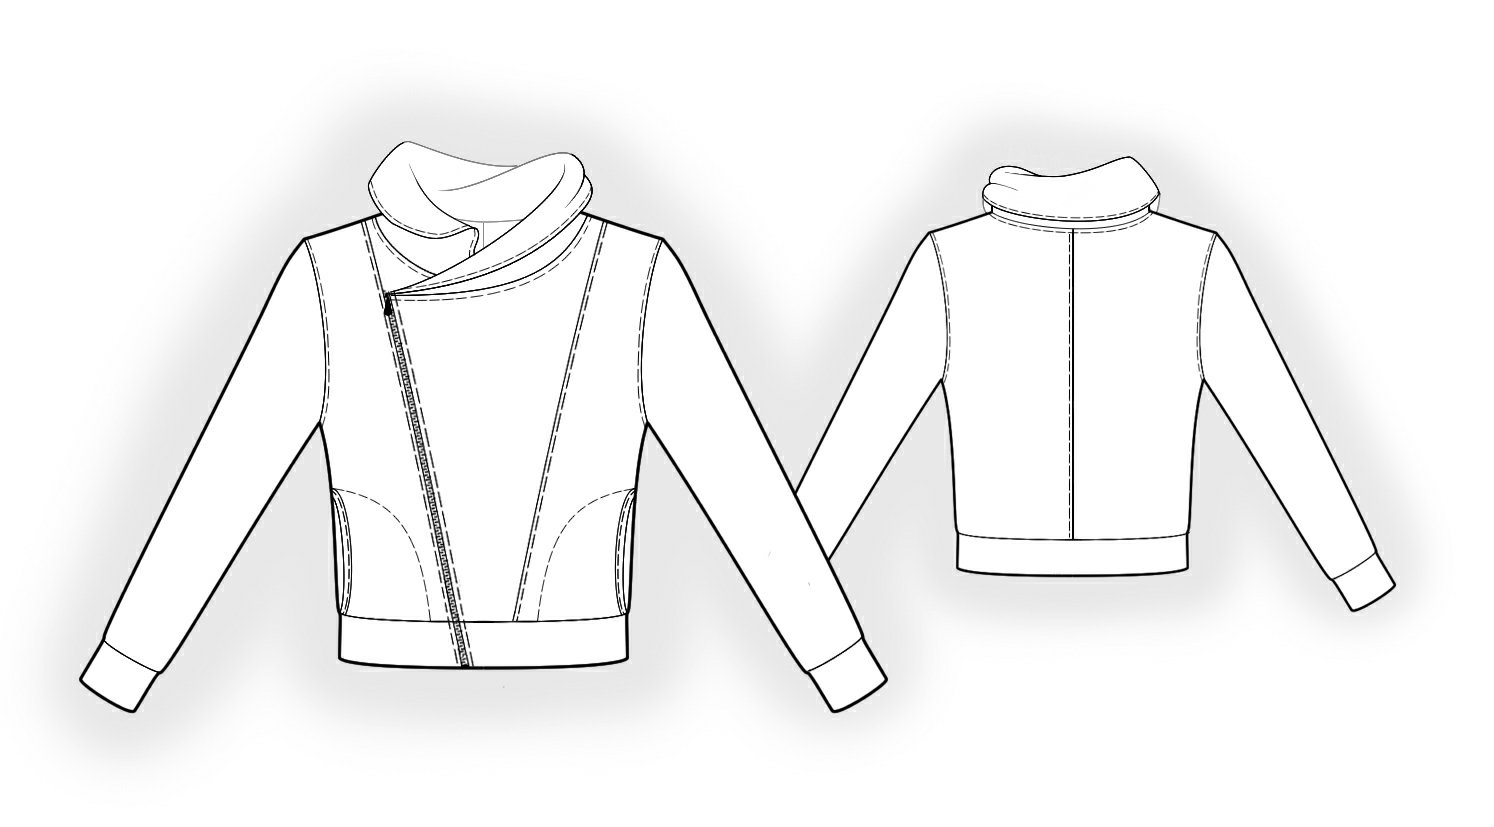 Sweatshirt sewing pattern 6131 made to measure sewing pattern sweatshirt sewing pattern 6131 jeuxipadfo Choice Image